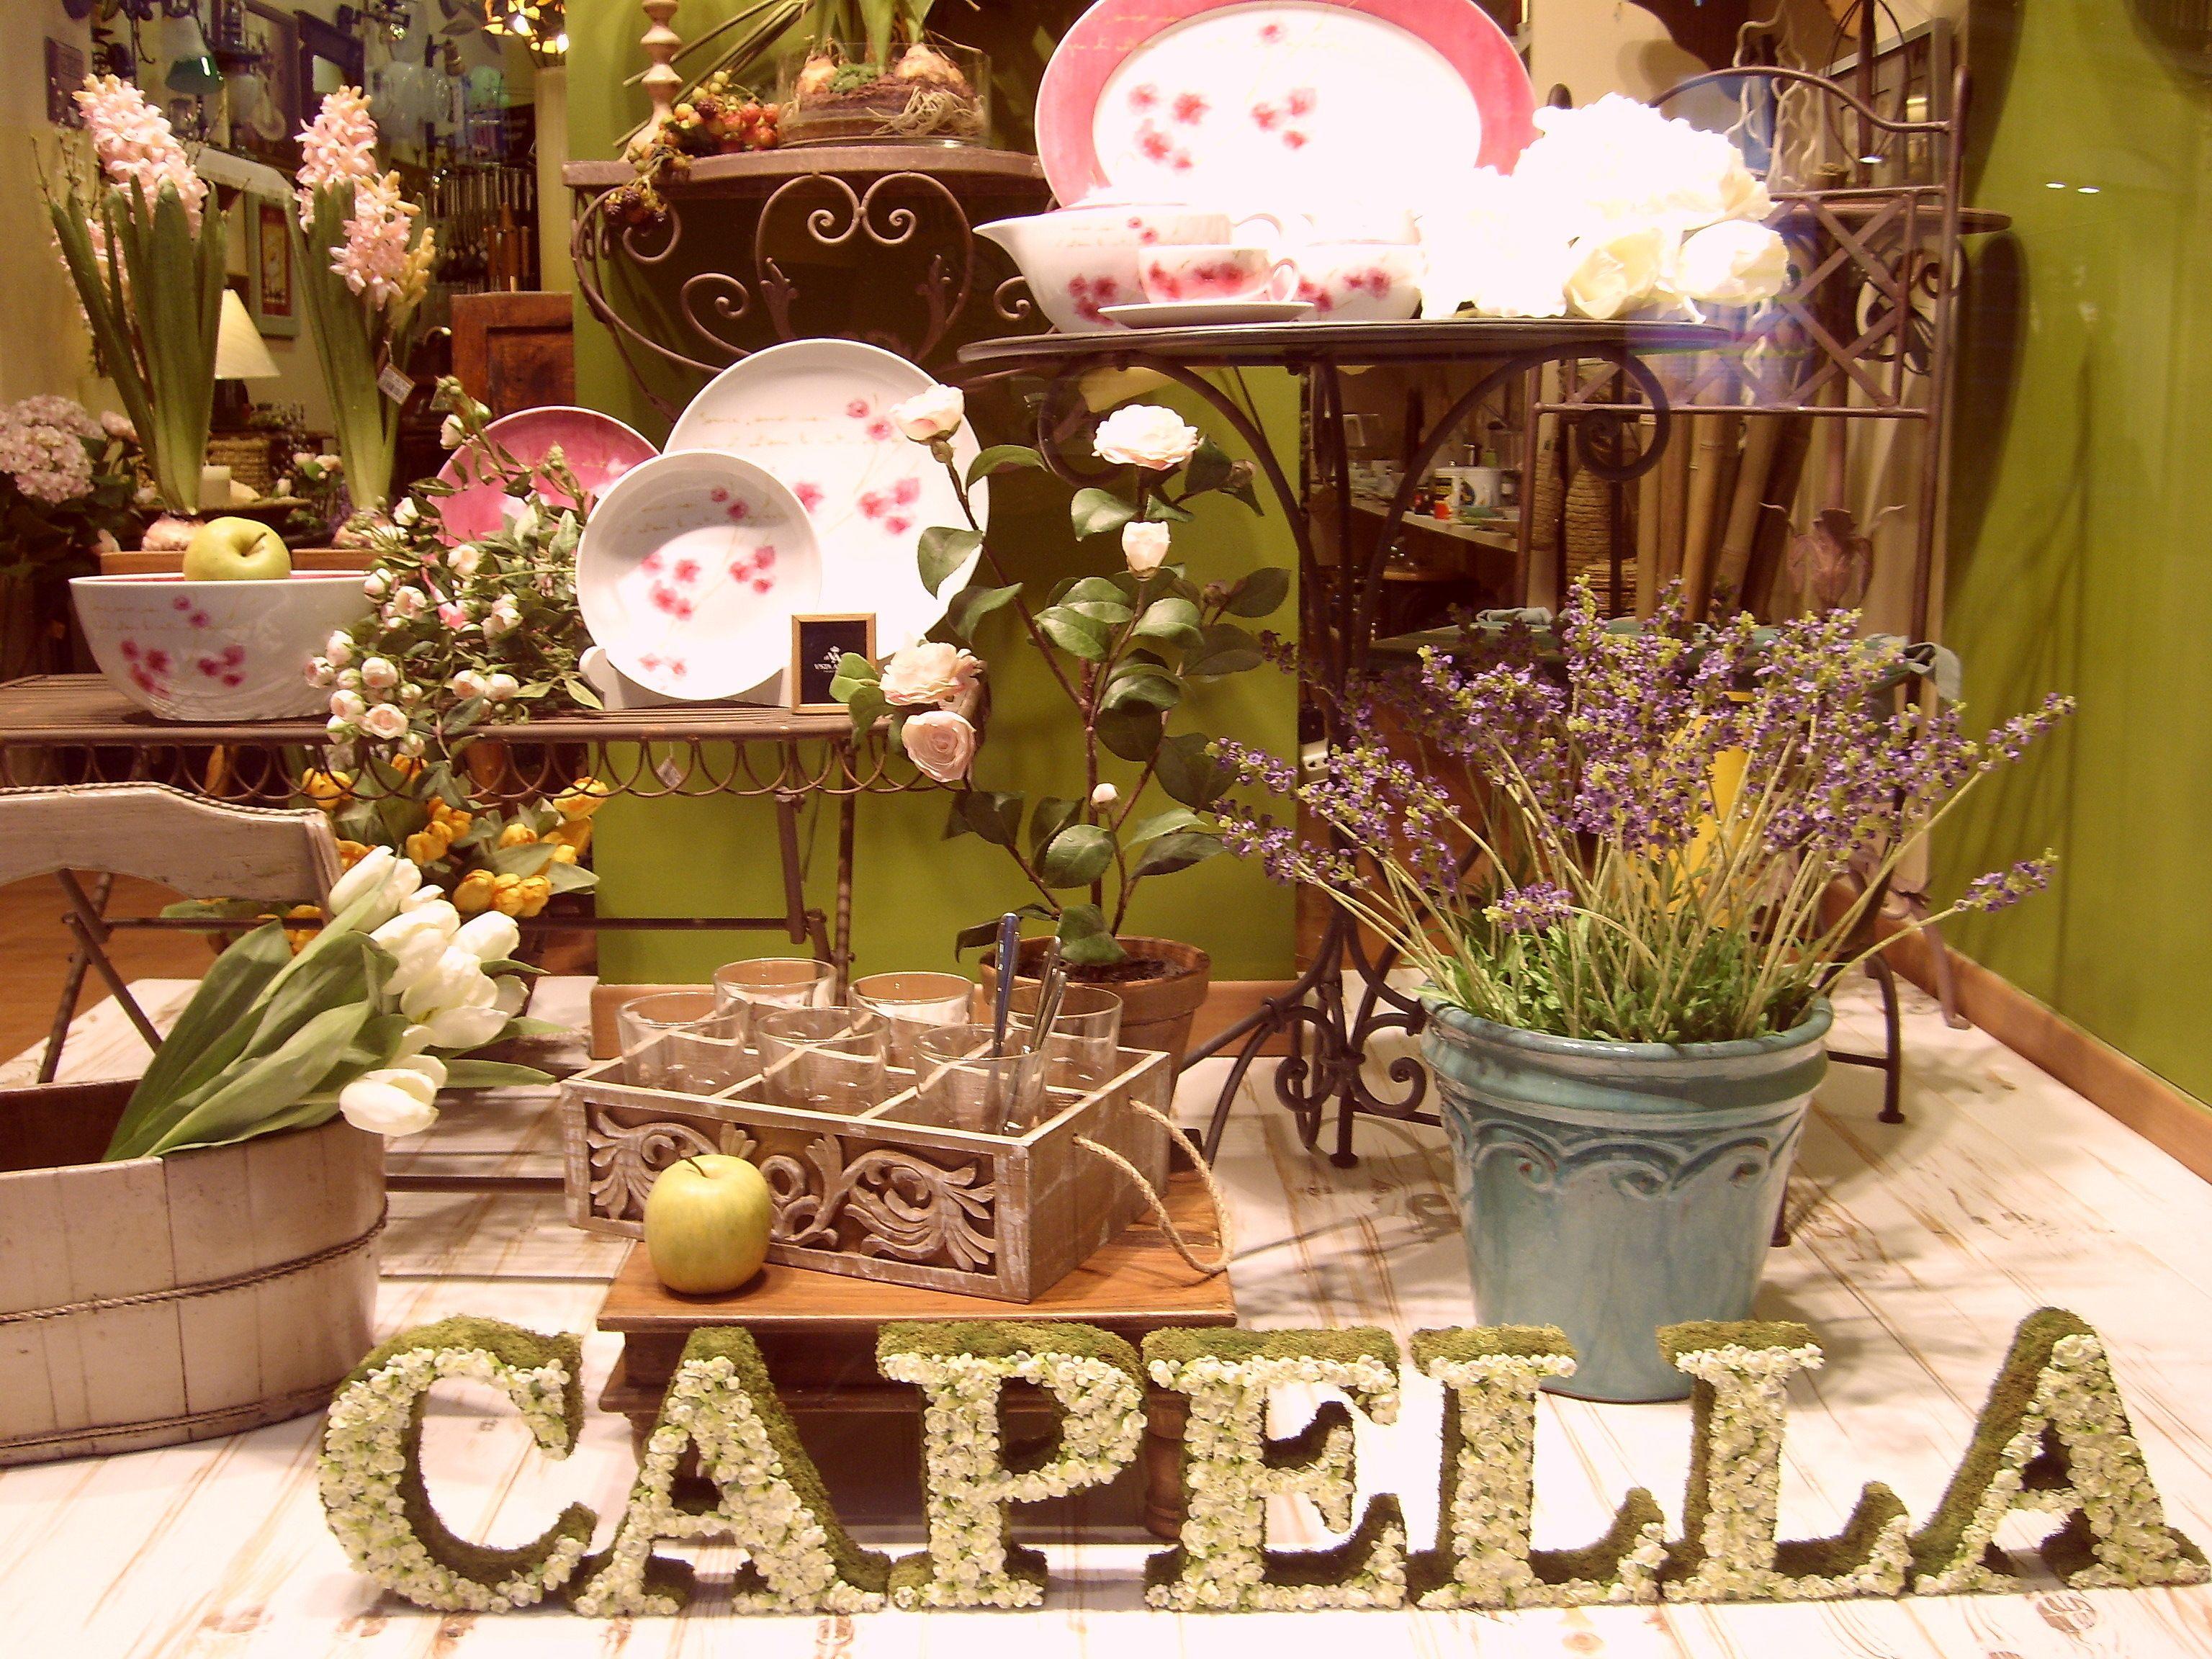 Escaparate CAPELLA Decoración mayo 2008 www.capelladecoracion.com